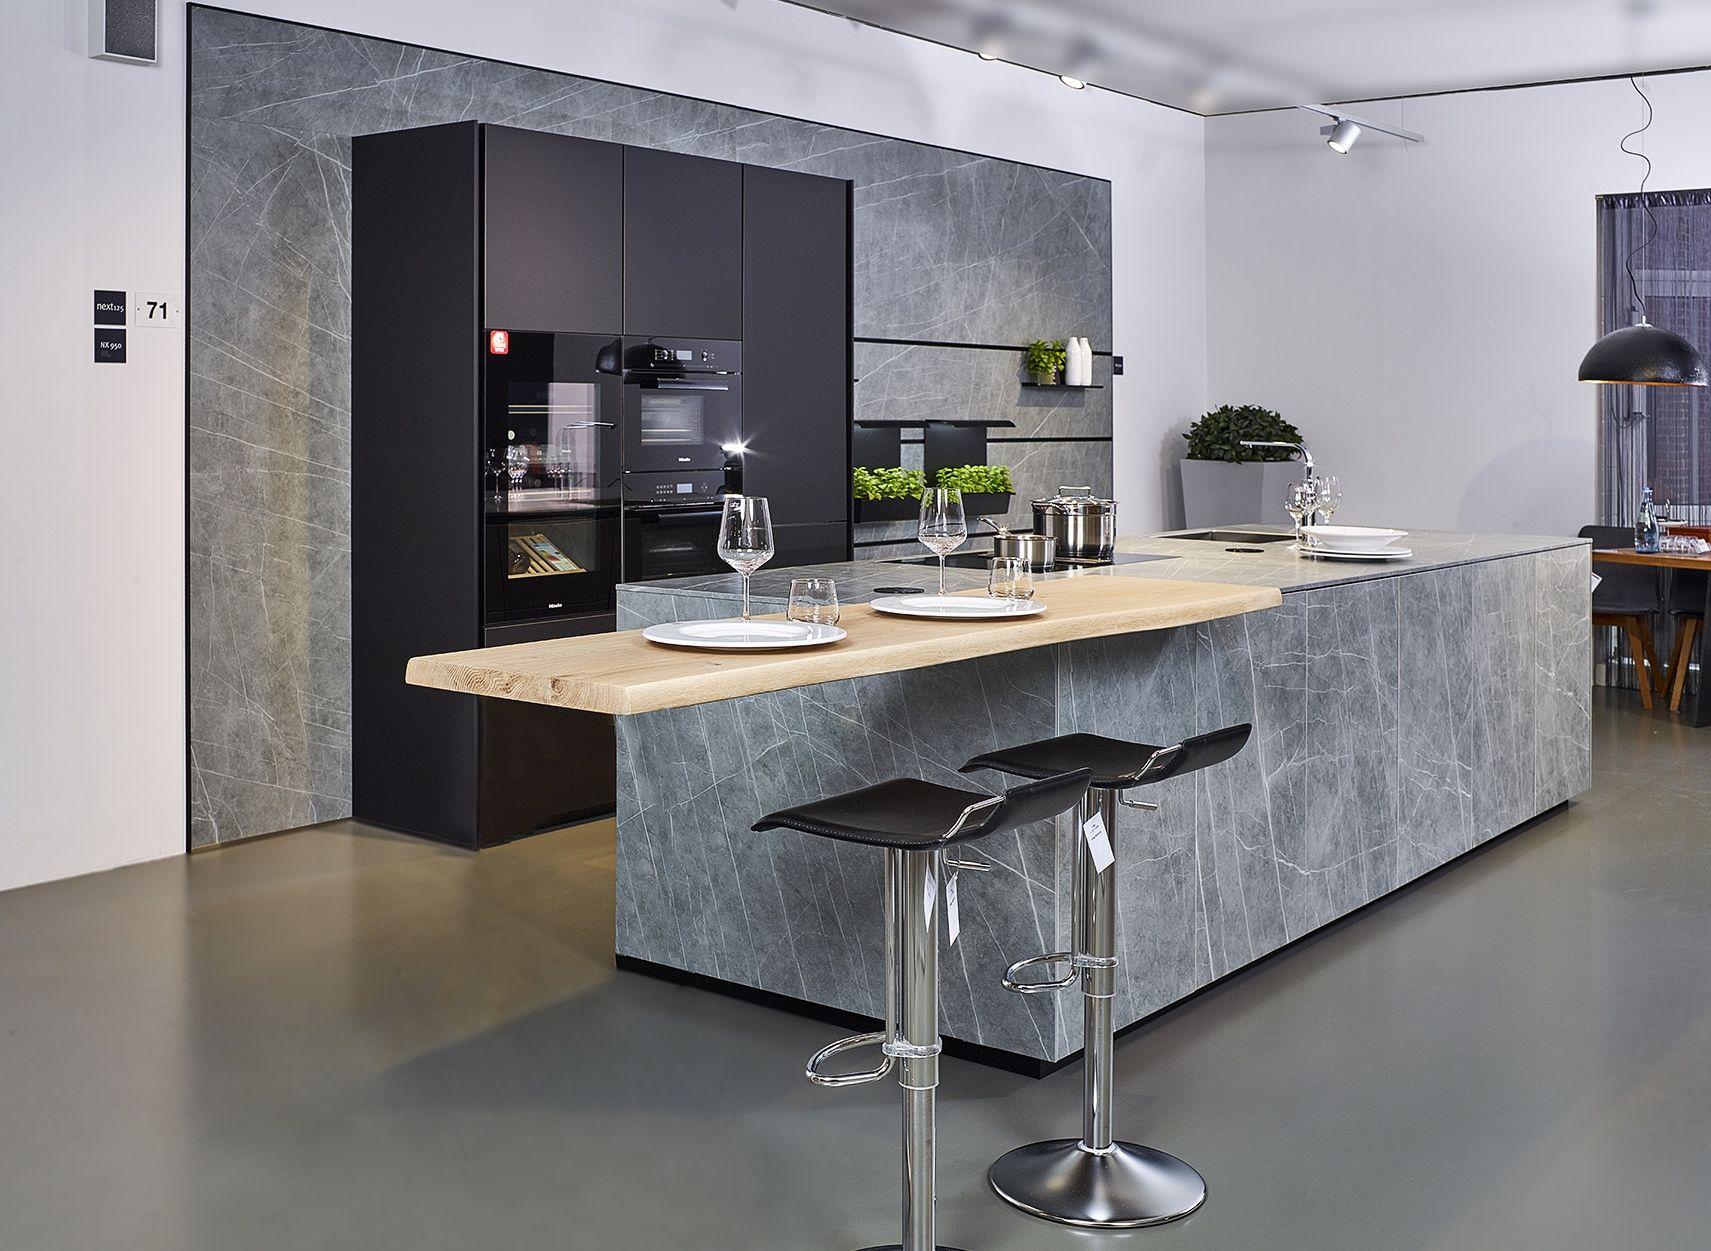 High End Designkuche Von Next125 Mit Keramikfronten Arbeitsplatte Und Ruckwand Koje 71 Kh Kuchen Design Arbeitsplatte Kuche